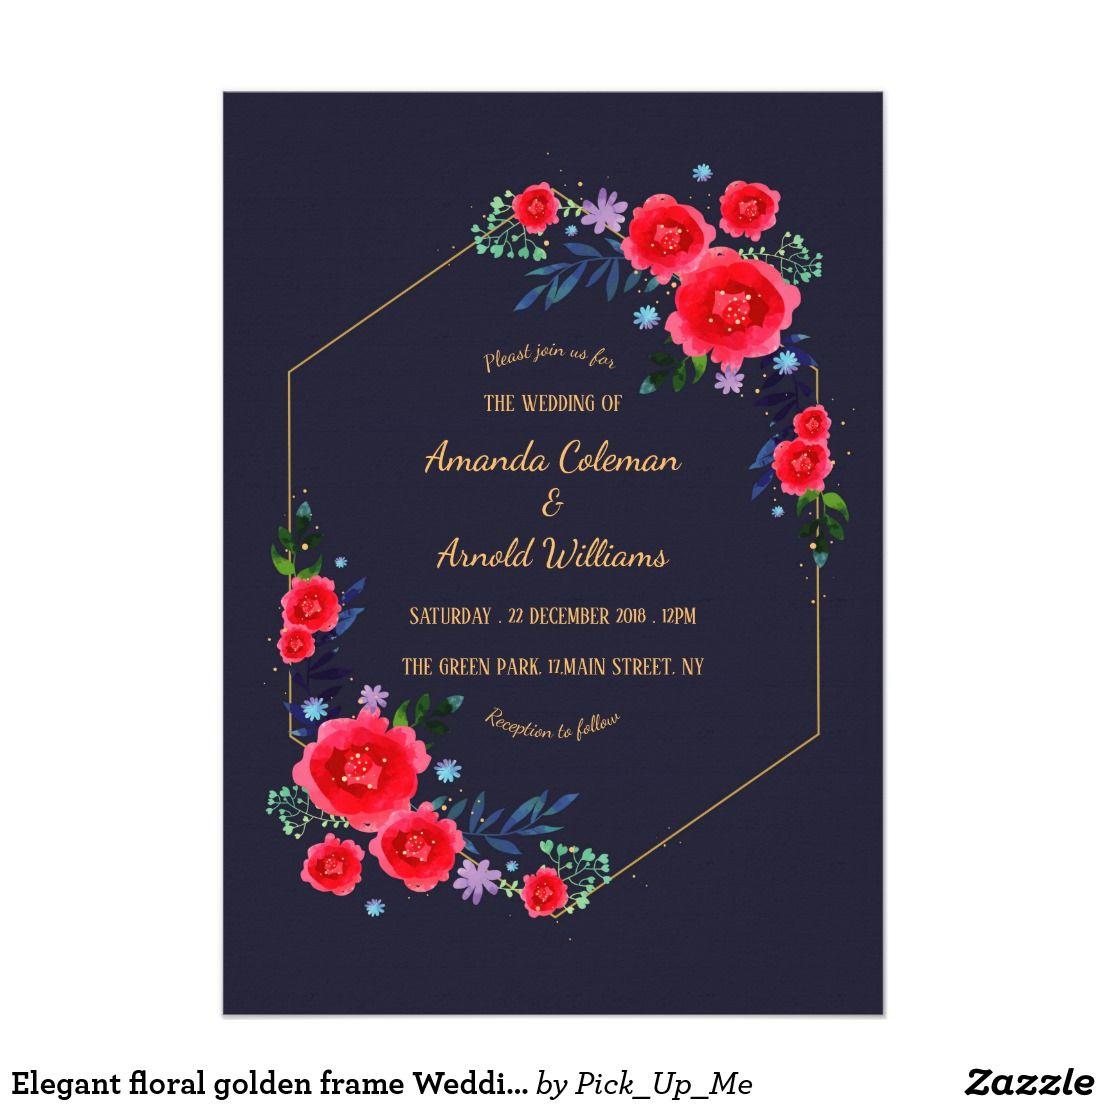 Wedding decorations for reception december 2018 Elegant floral golden frame Wedding invitation  Other Wedding